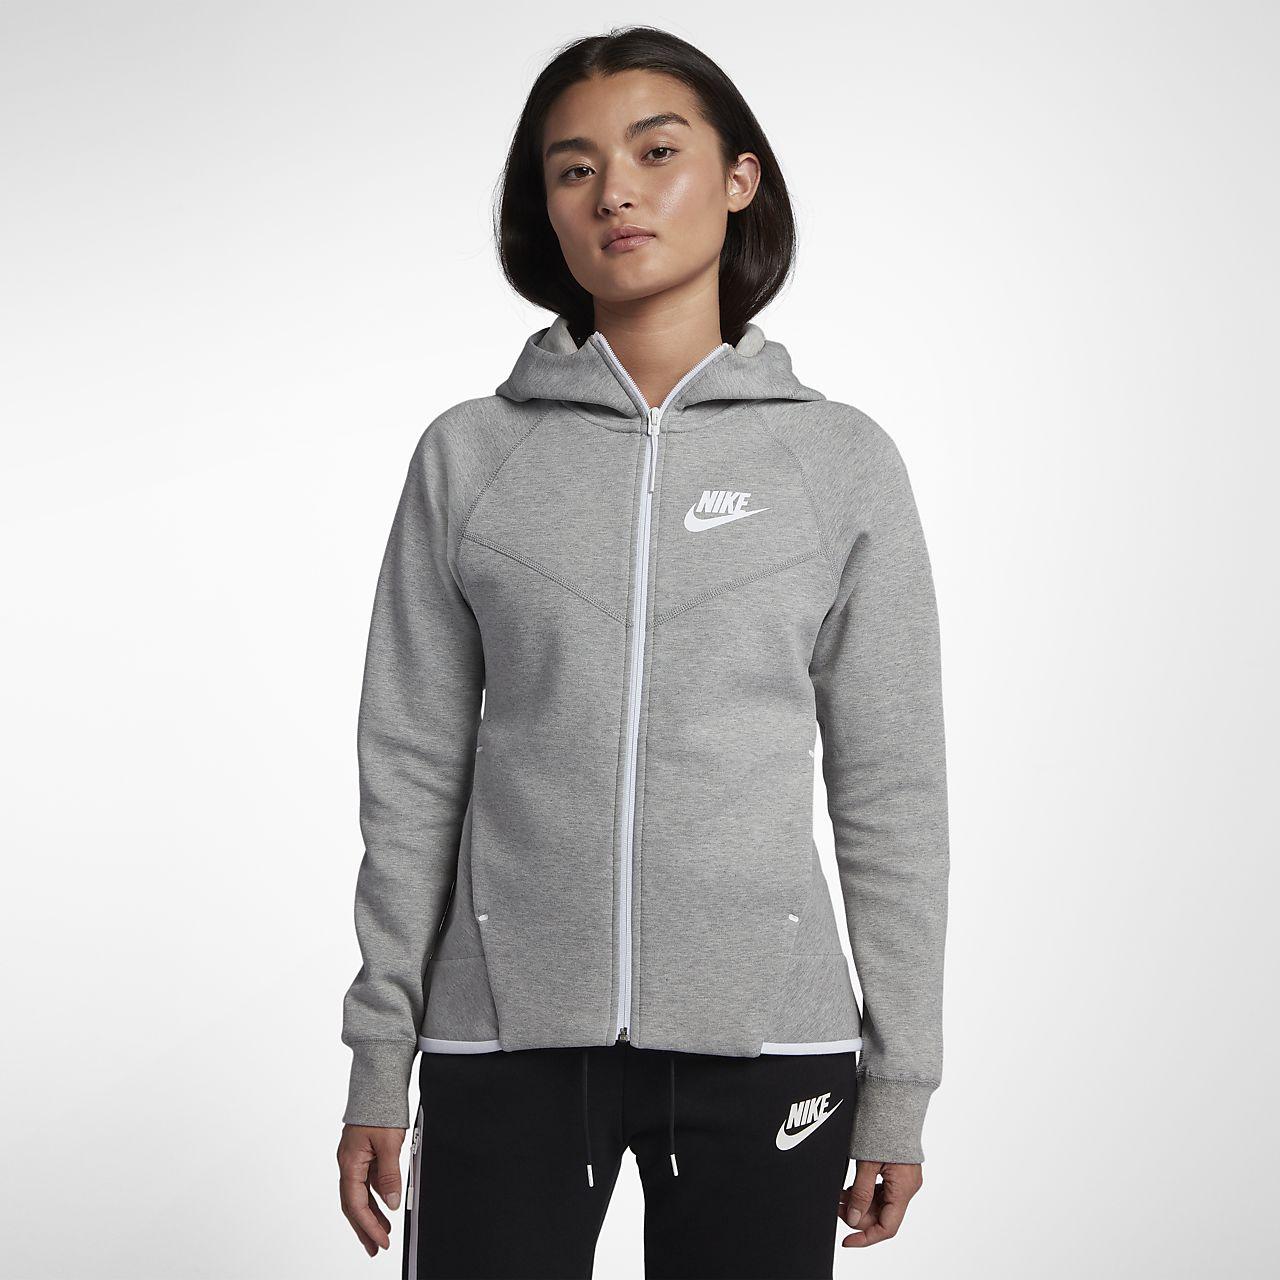 79e09168bf ... Sweat à capuche entièrement zippé Nike Sportswear Tech Fleece  Windrunner pour Femme